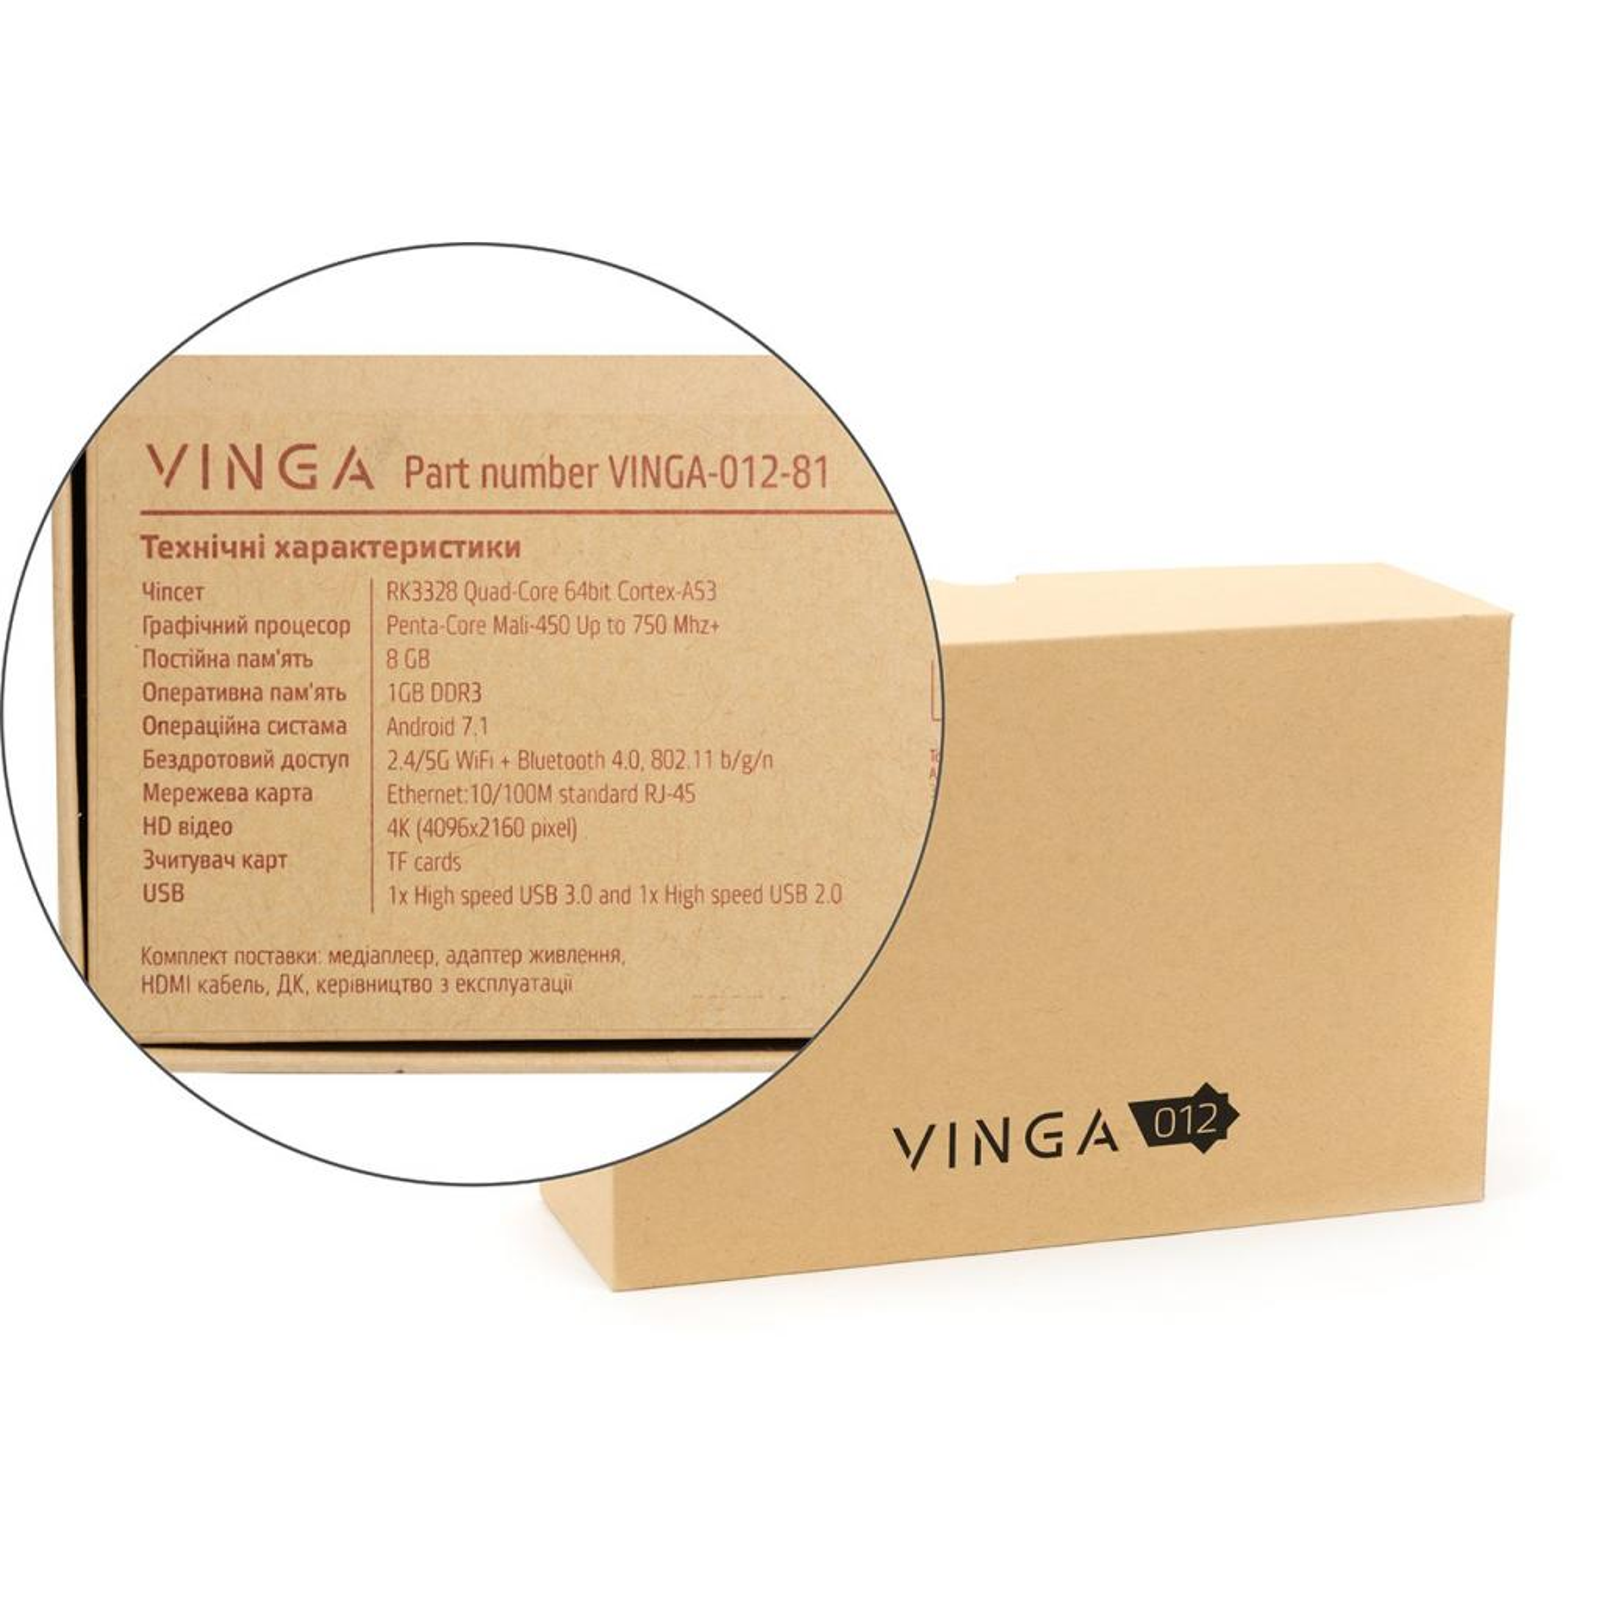 Медіаплеєр Vinga 012 (VINGA-012-81) зображення 12